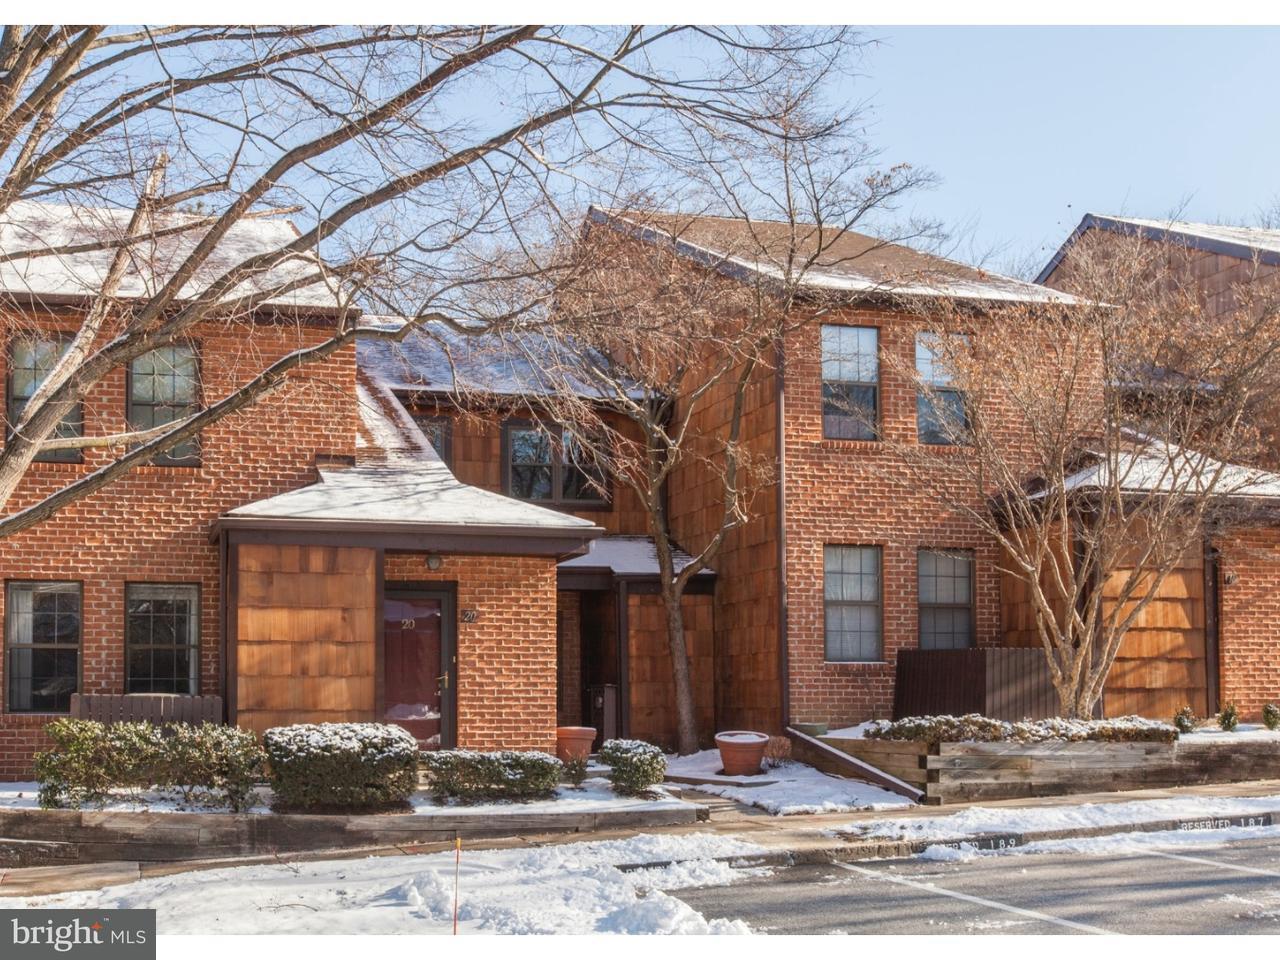 Частный односемейный дом для того Продажа на 18 RITTENHOUSE CT #188 Chesterbrook, Пенсильвания 19087 Соединенные Штаты